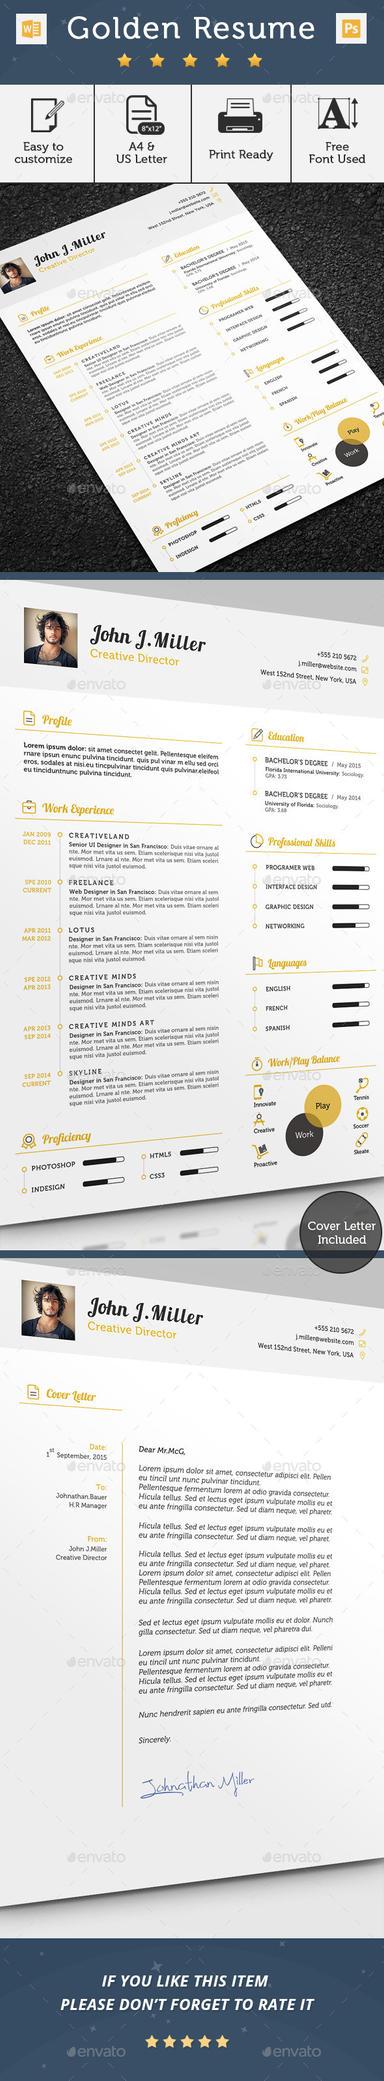 Golden Resume by khaledzz9